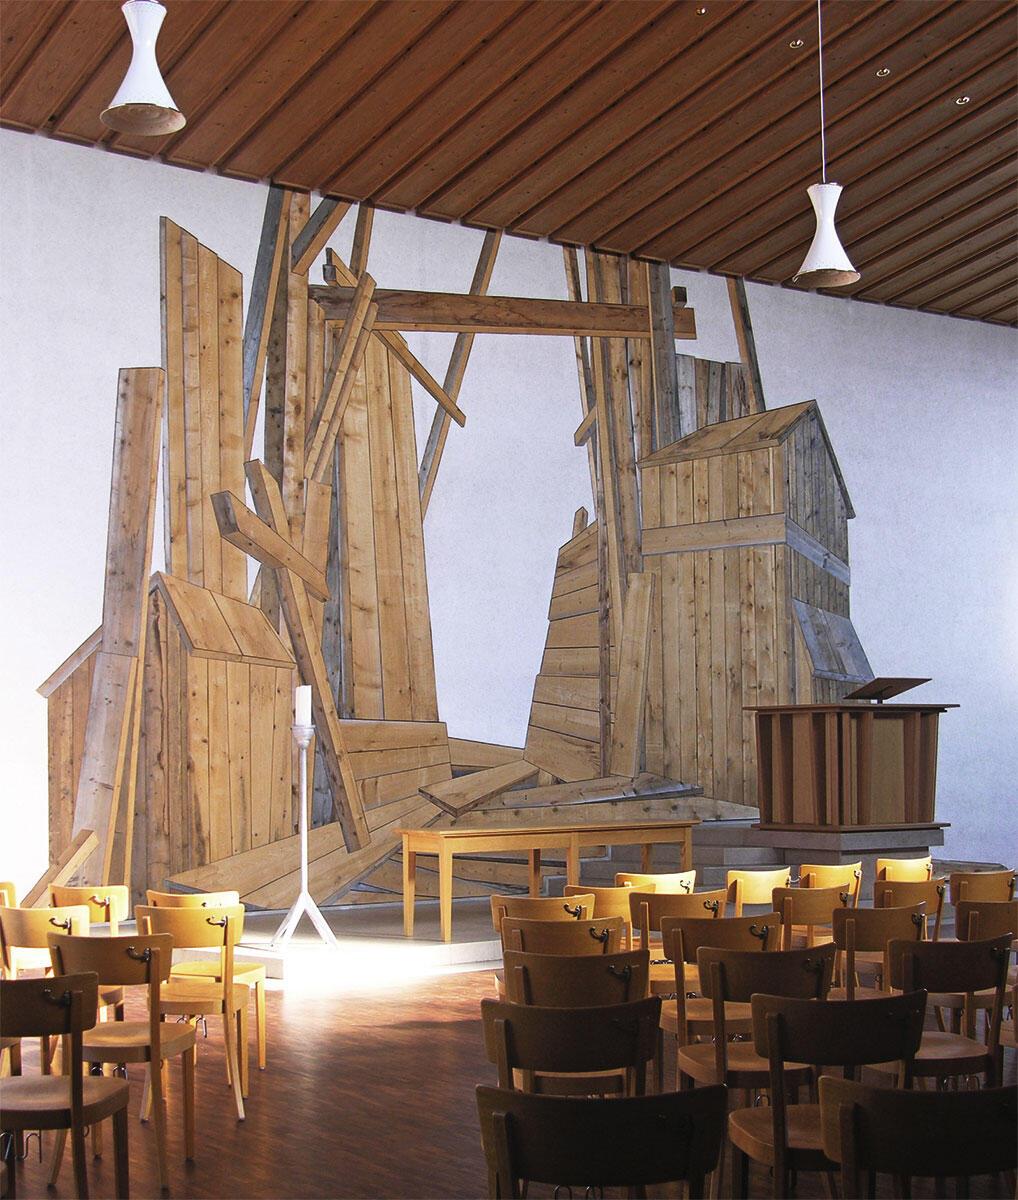 Durchbruch, 2001: Tannenholz bündig in die Wand eingelassen, Kunst am Bau, Neugestaltung der Stephanuskirche in Basel.